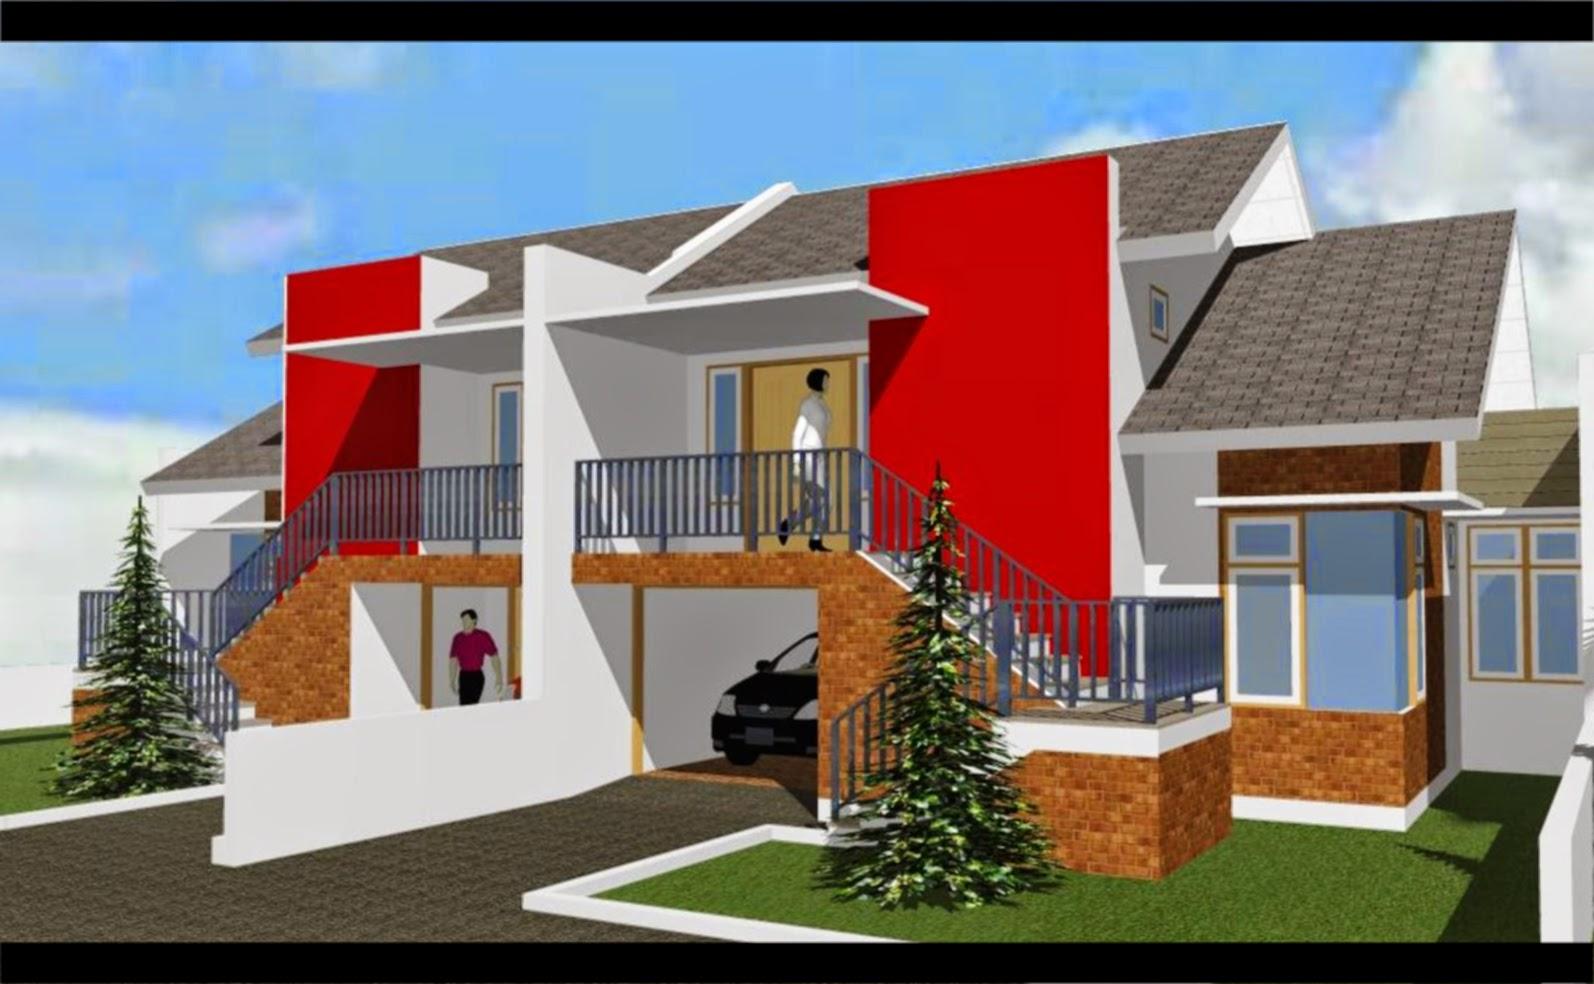 Warna Cat Merah Rumah Minimalis Tampak Depan Dshdesign4kinfo